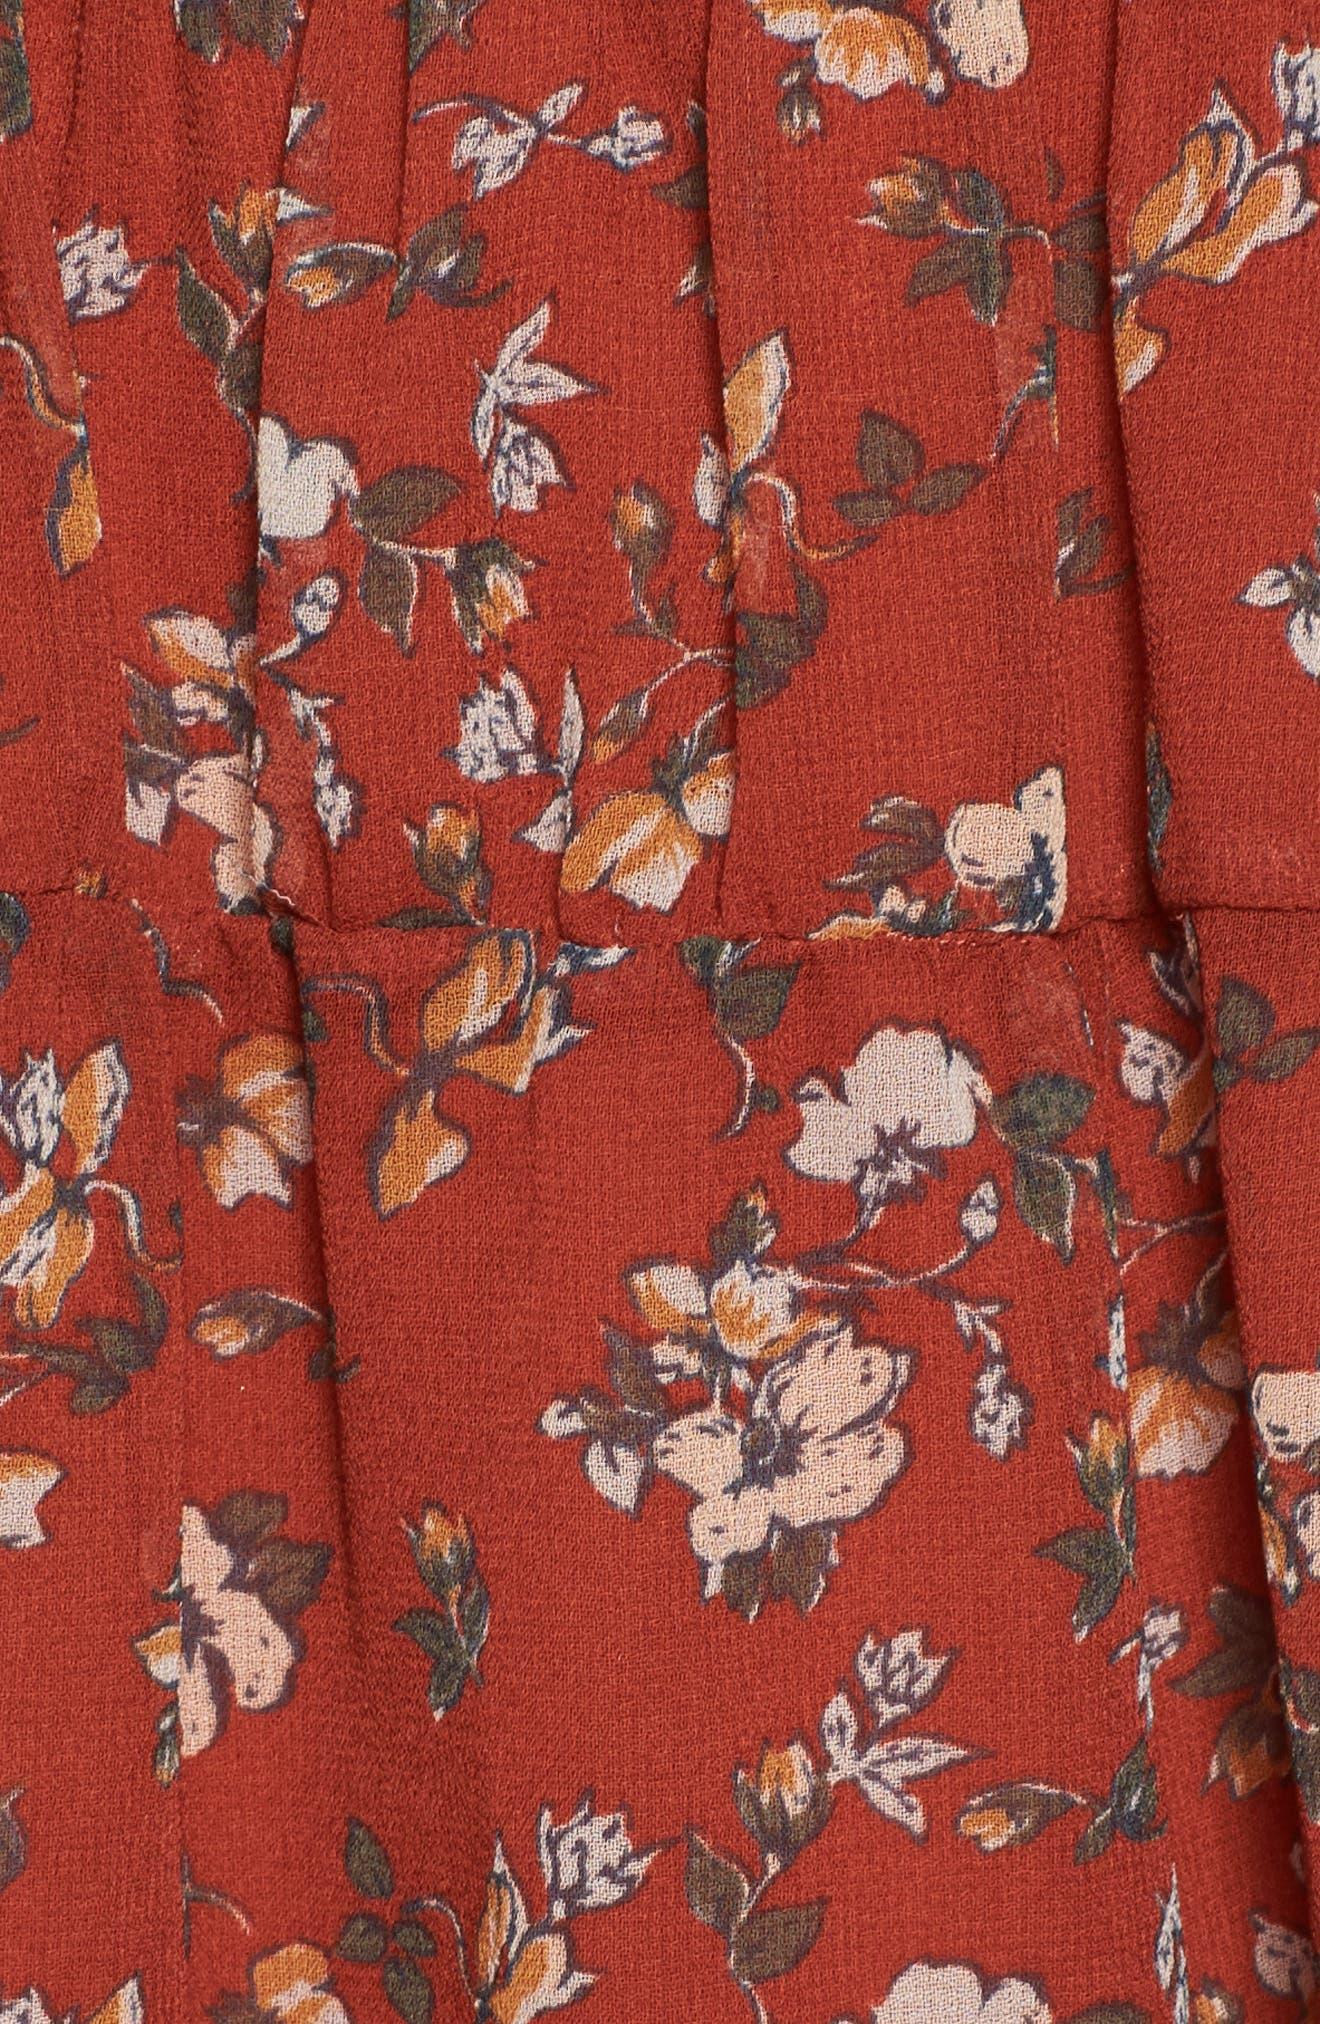 Le Marais Floral Print Dress,                             Alternate thumbnail 5, color,                             601